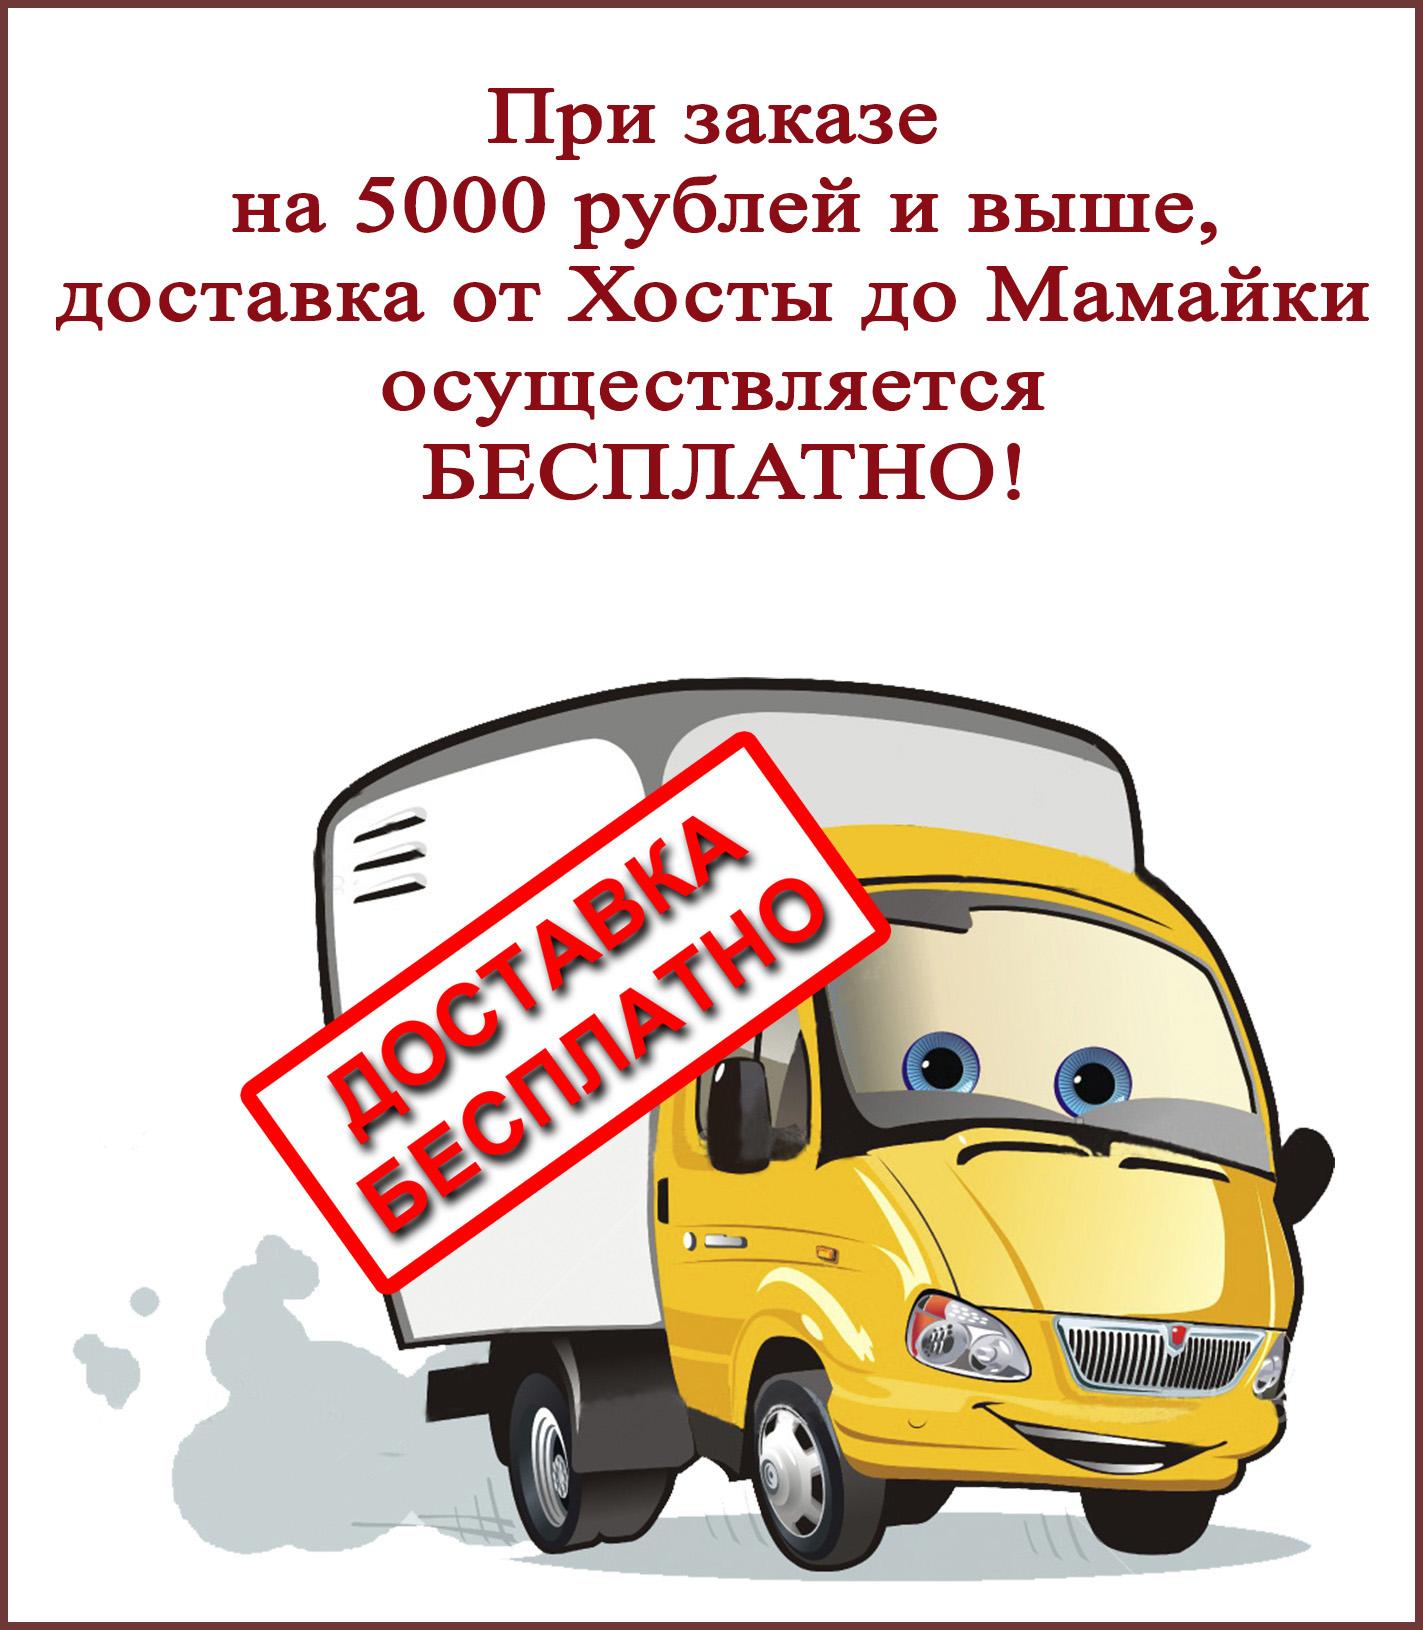 akciya-oplta-1002